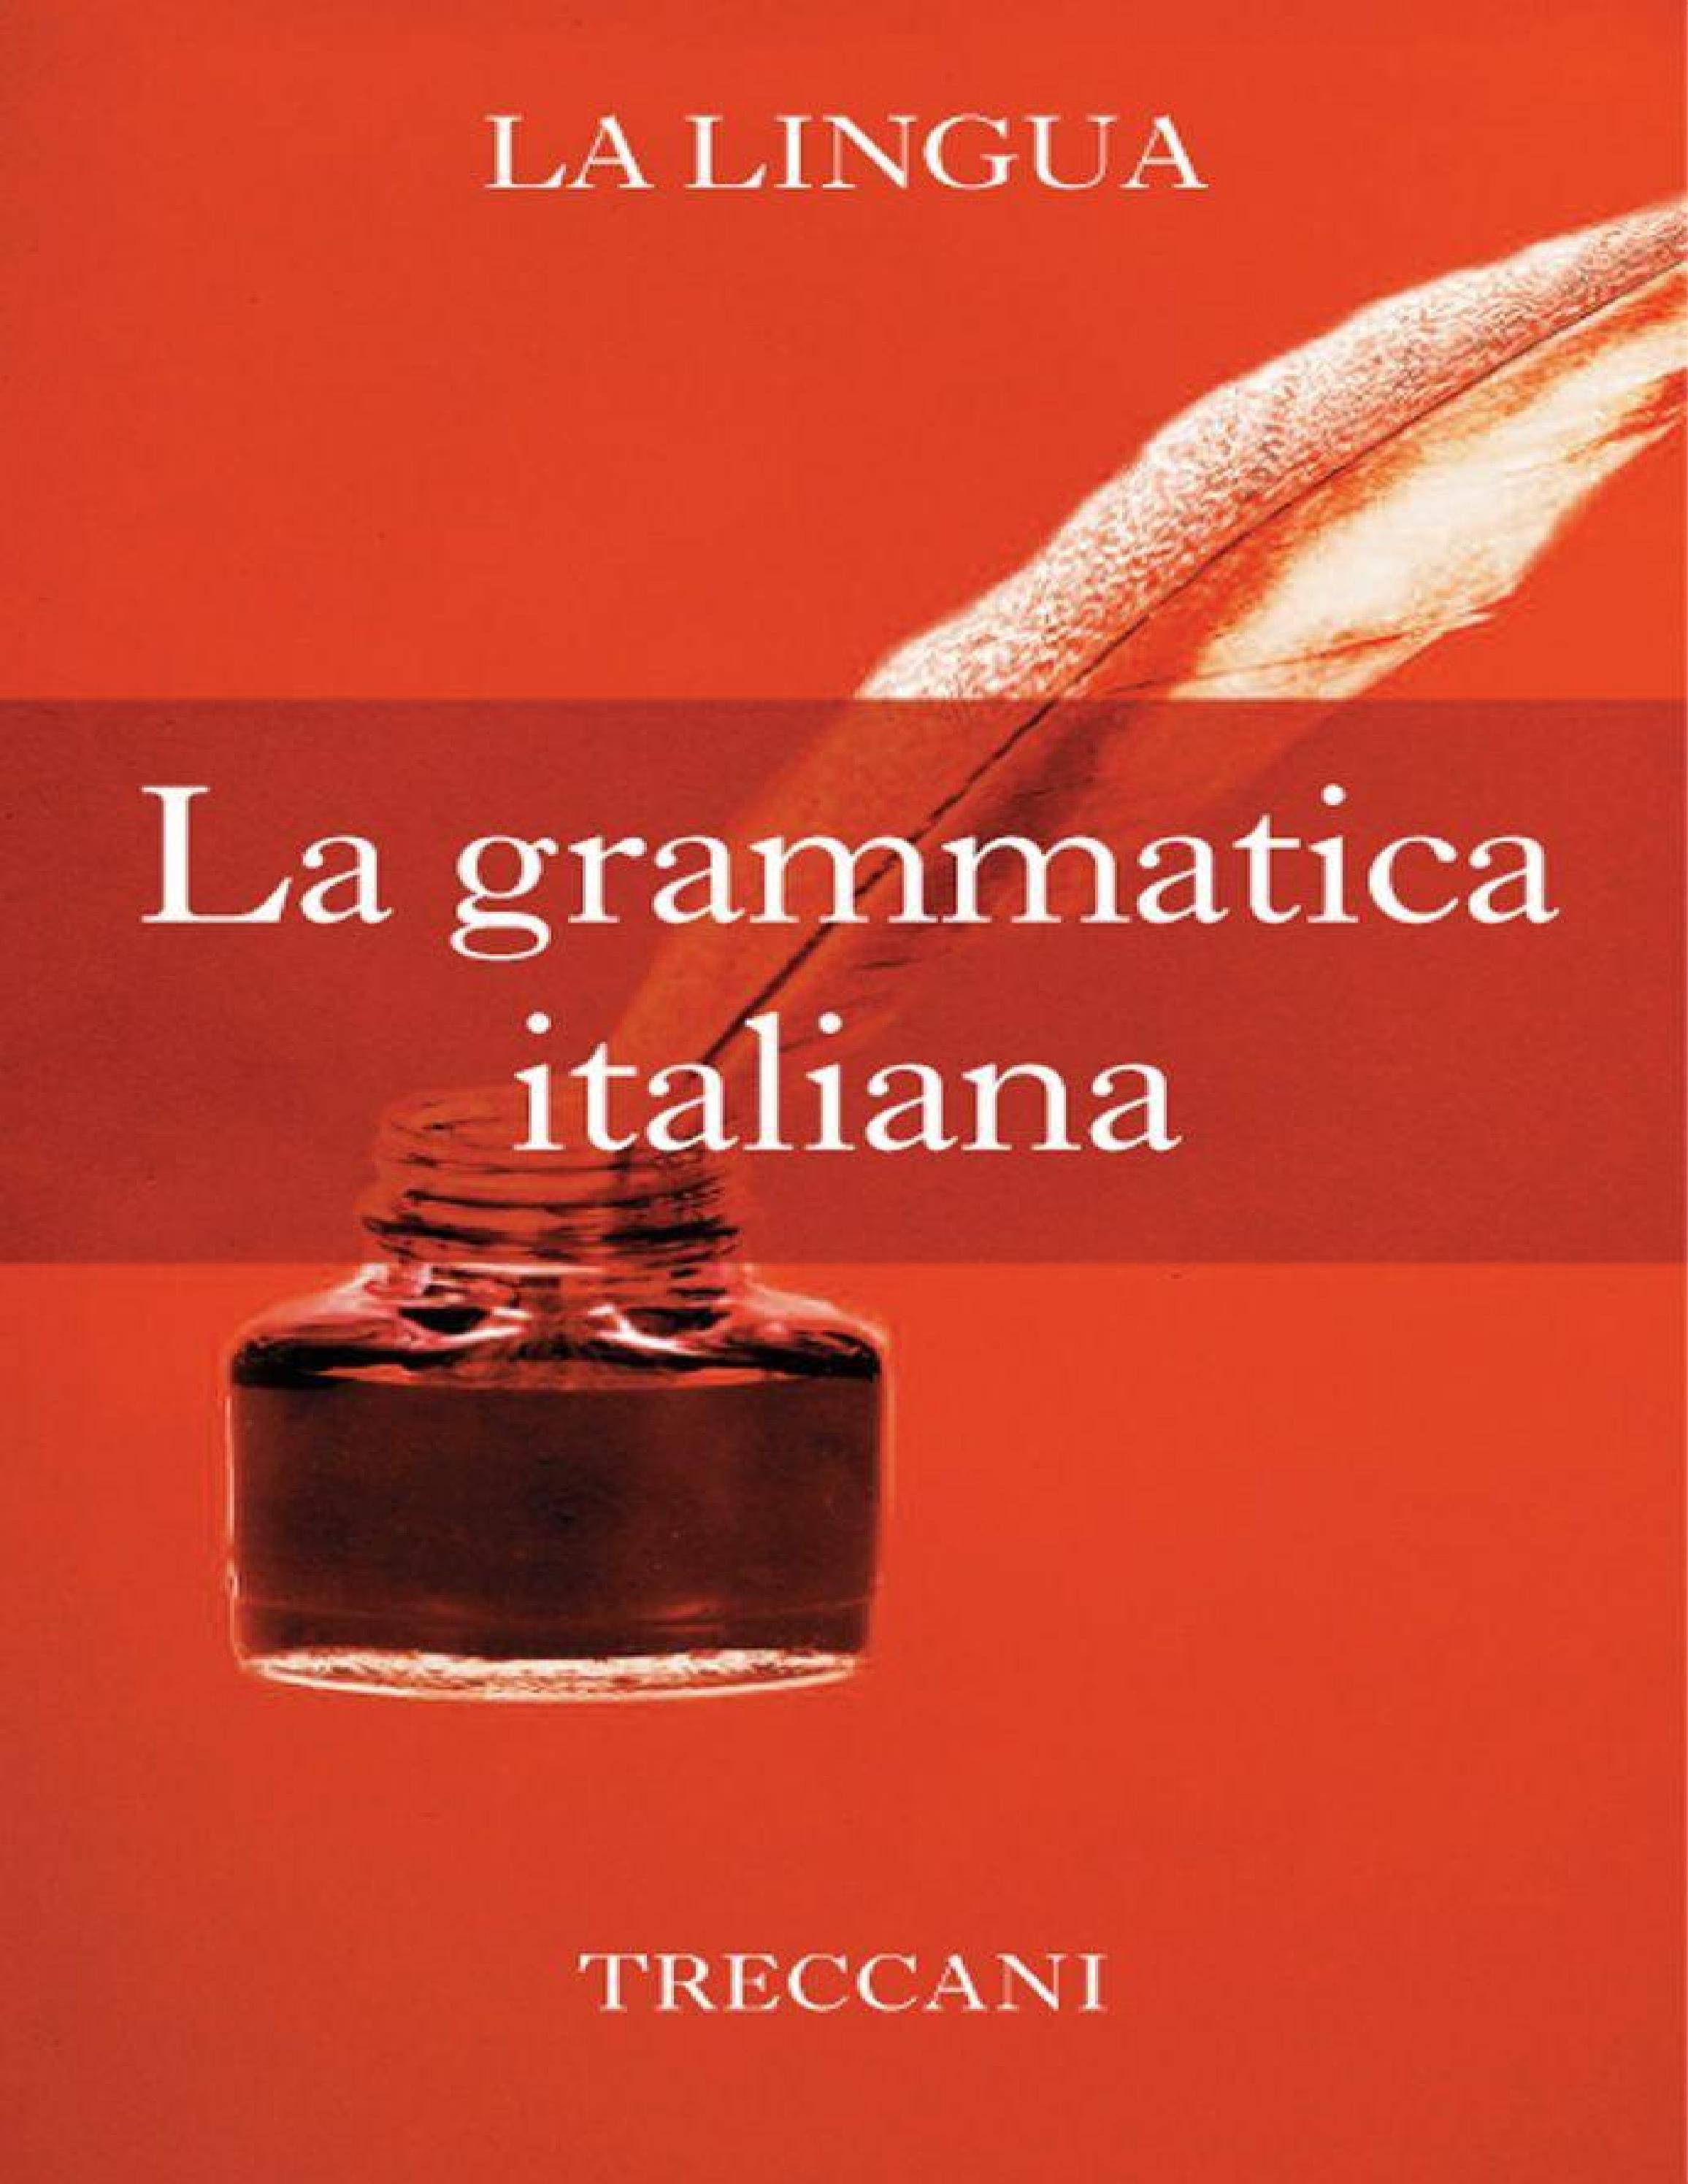 La Grammatica Italiana Treccani By Materiali Issuu